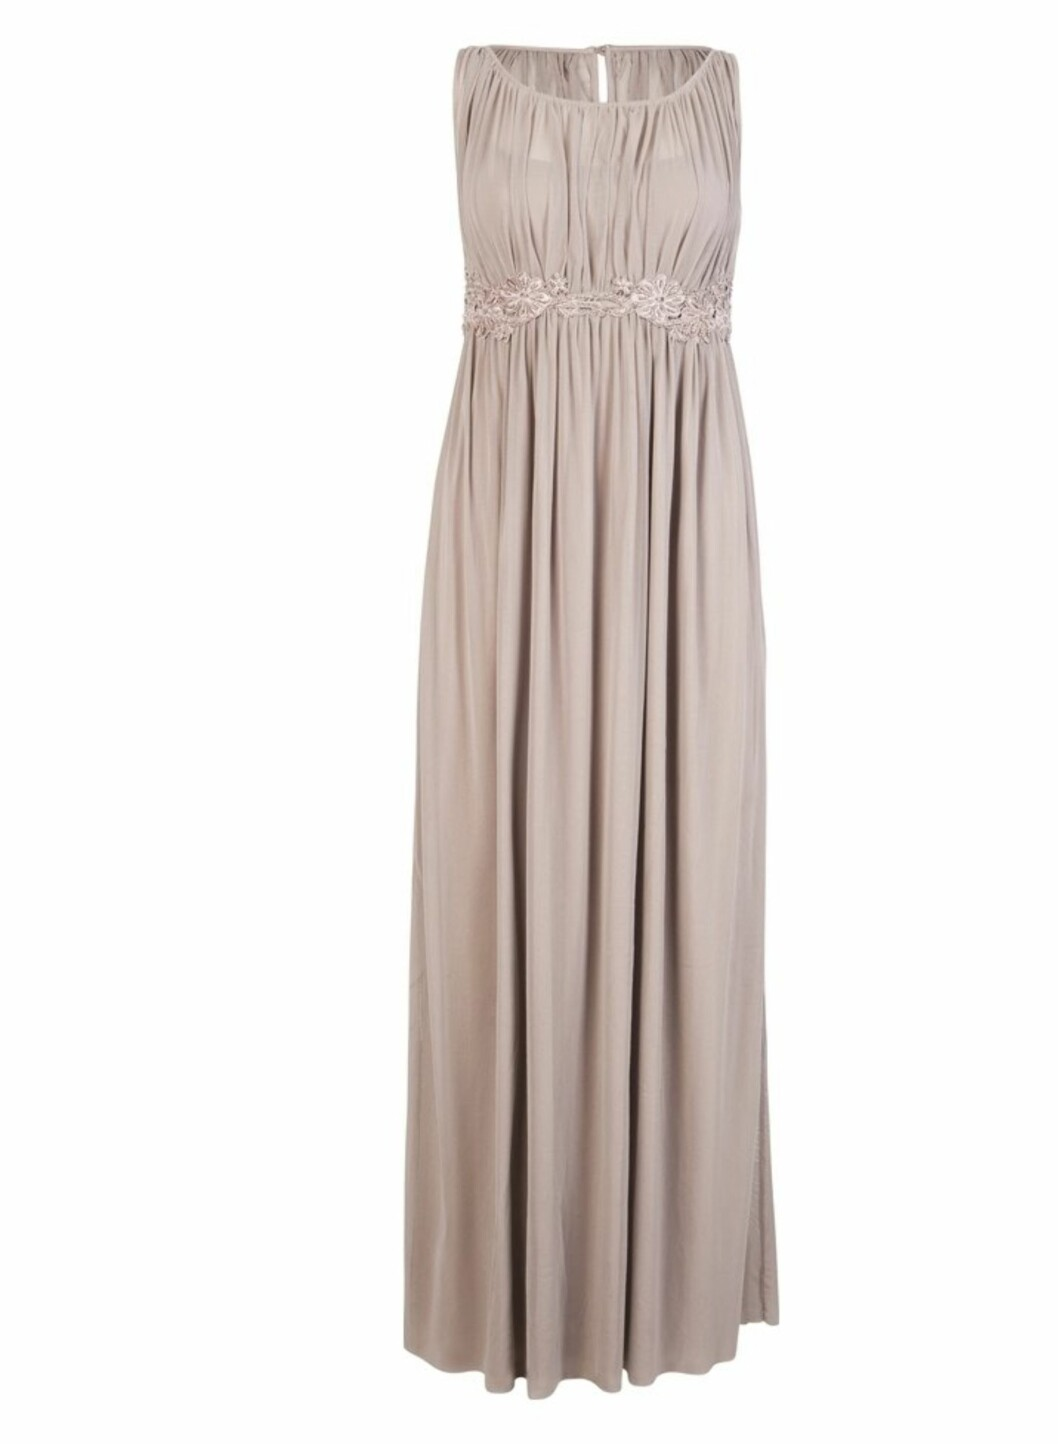 Lang pudderfarget kjole uten ermer (kr.499/BikBok). Foto: Produsenten